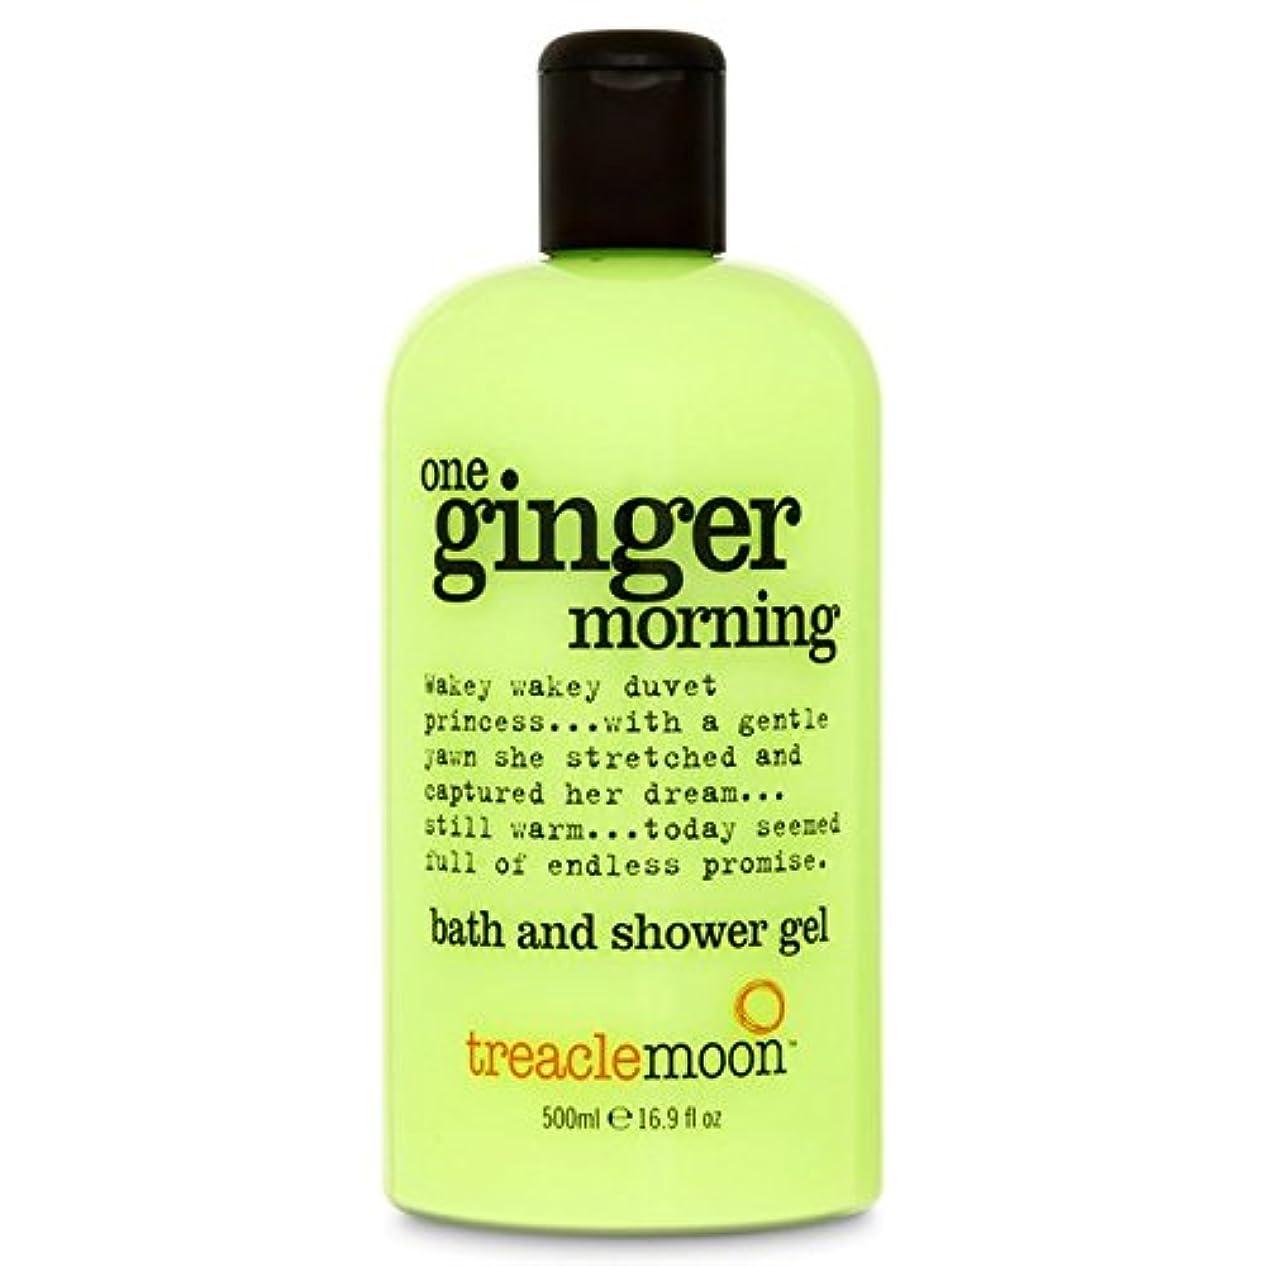 スポーツの試合を担当している人鎮静剤症状Treacle Moon Ginger Bath & Shower Gel 500ml - 糖蜜ムーンジンジャーバス&シャワージェル500ミリリットル [並行輸入品]